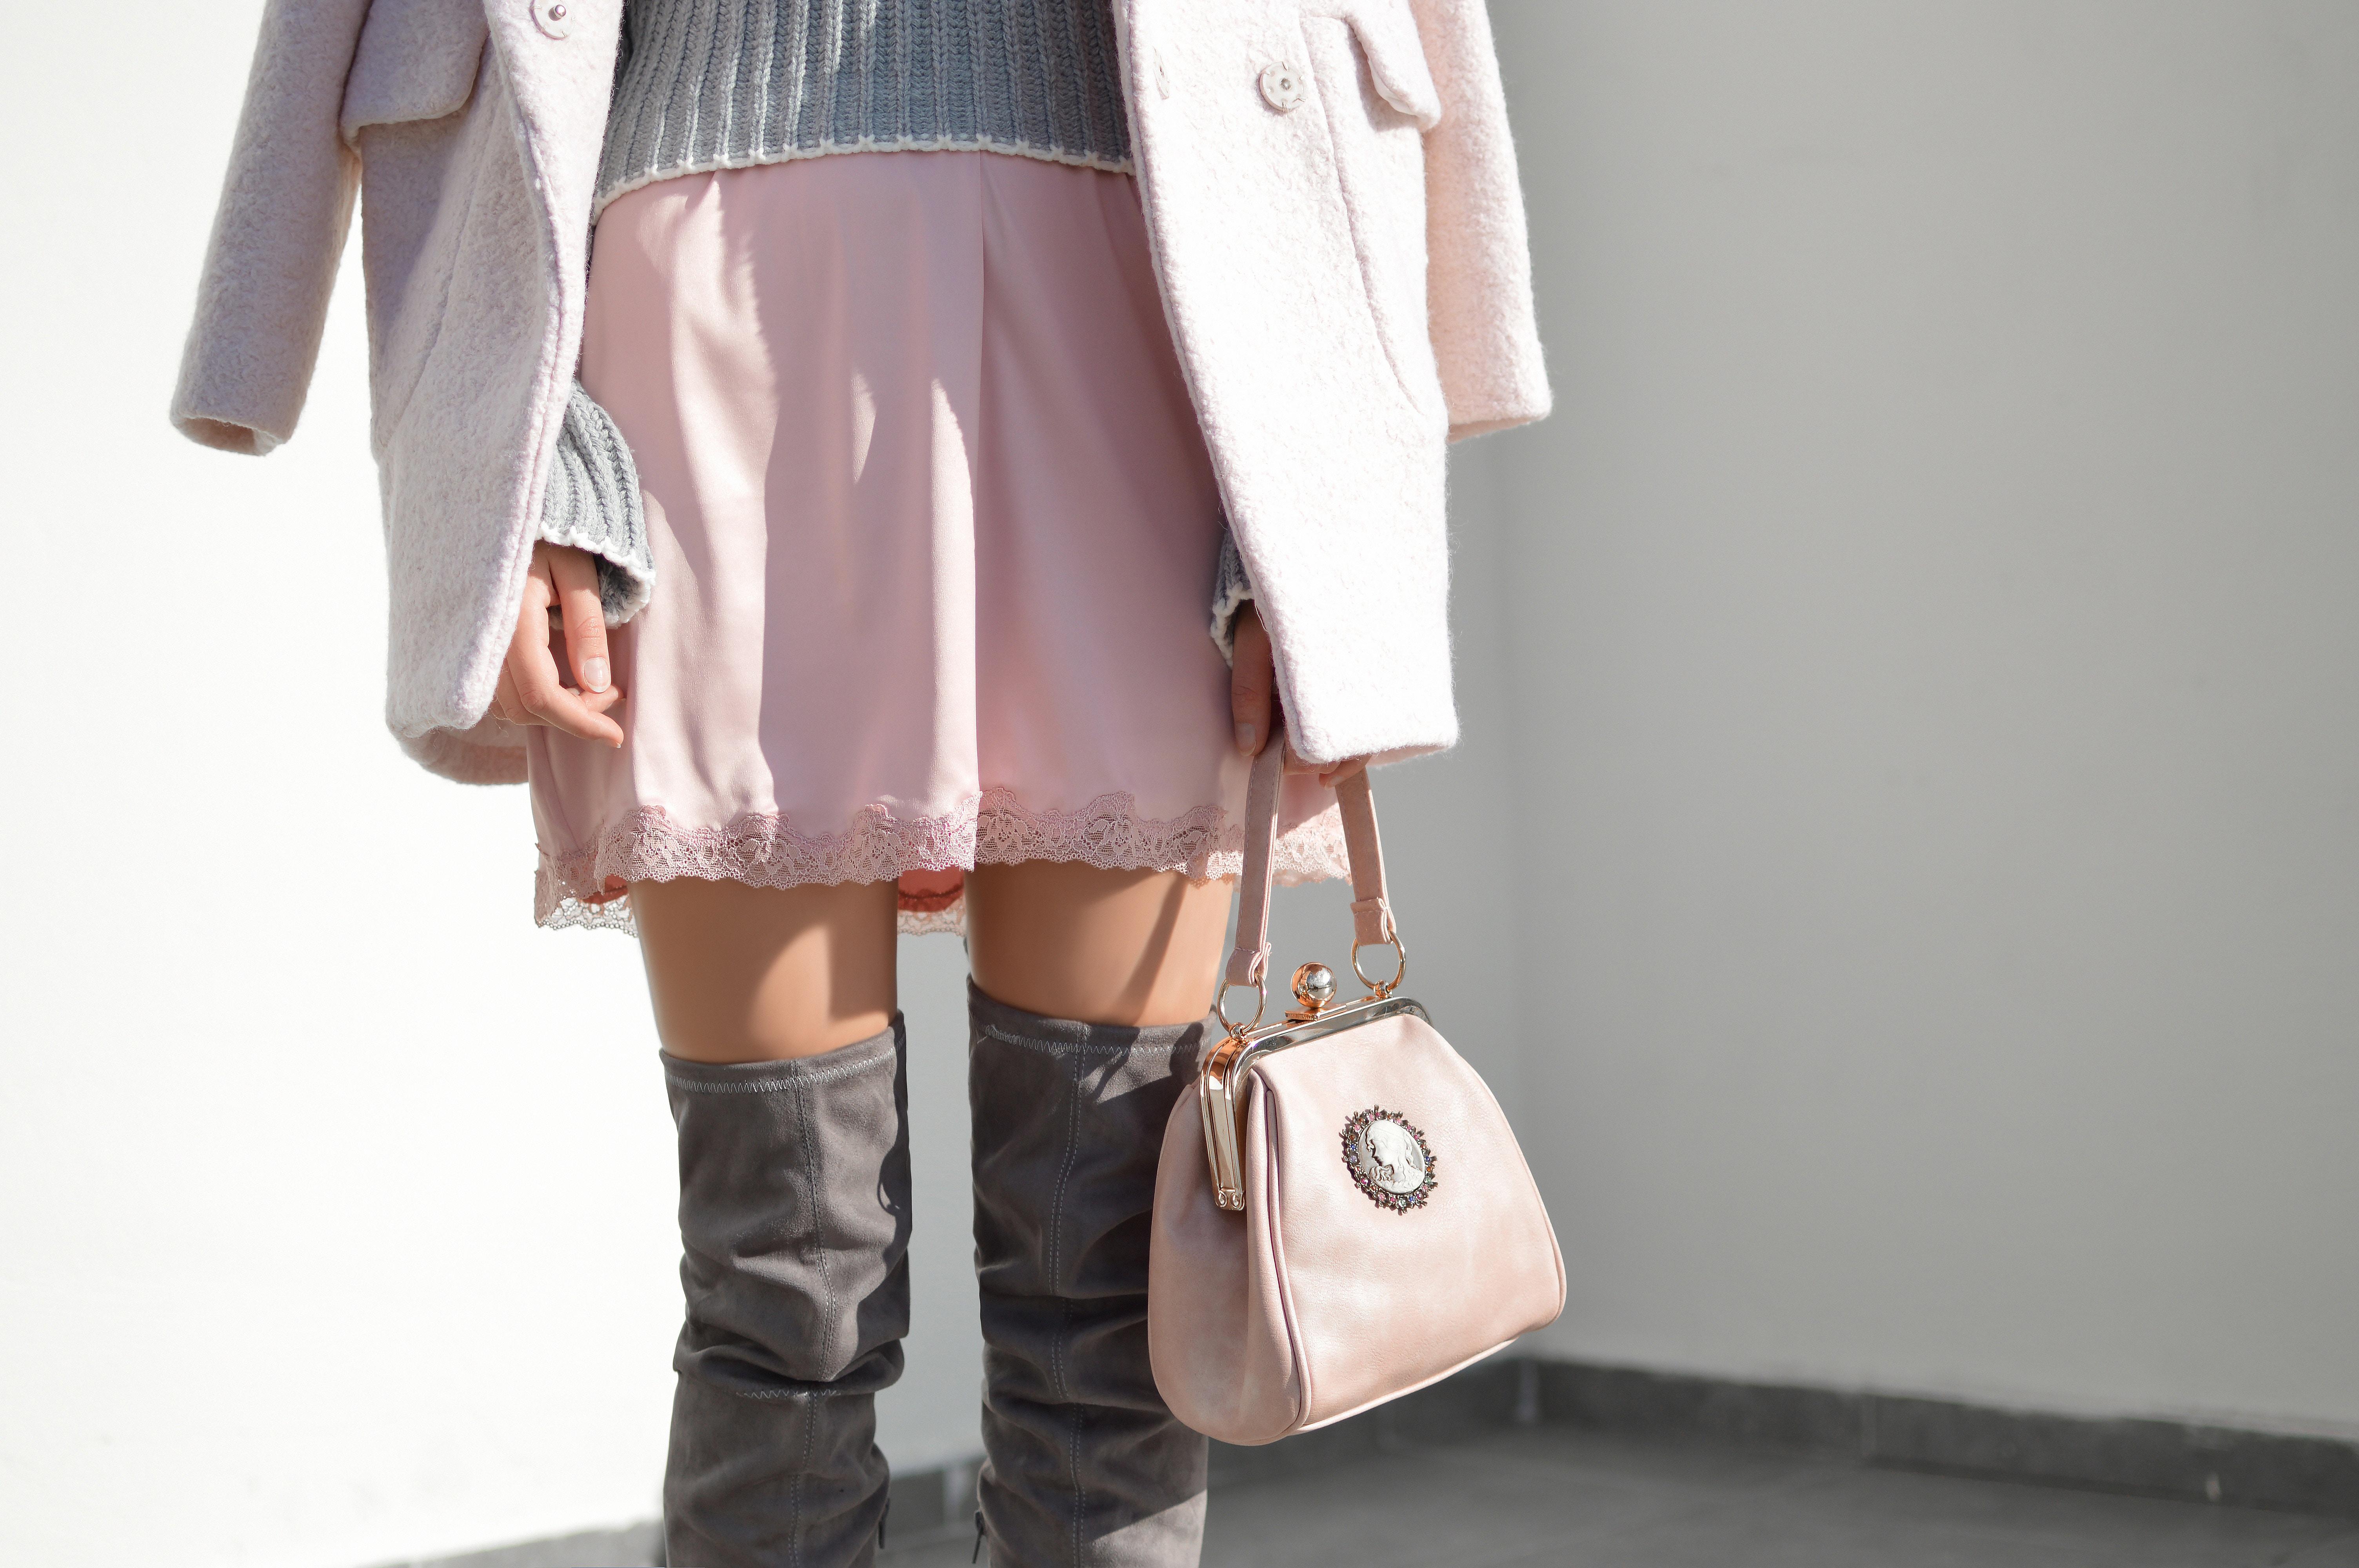 consigli come vestirsi bene in inverno